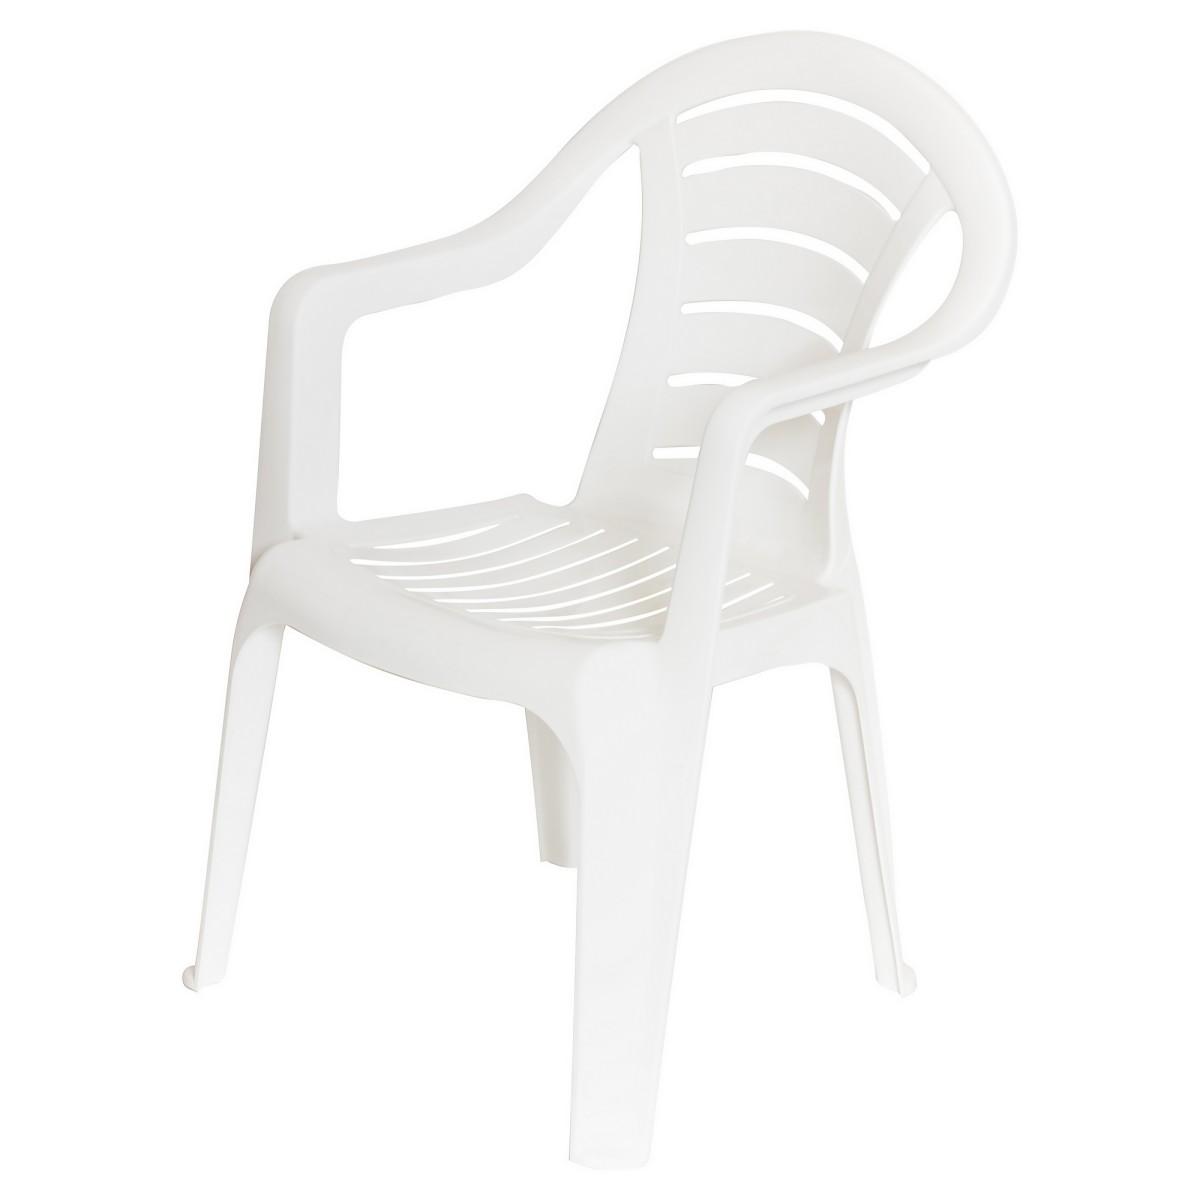 Кресло садовое белое 567x825x578 мм пластик